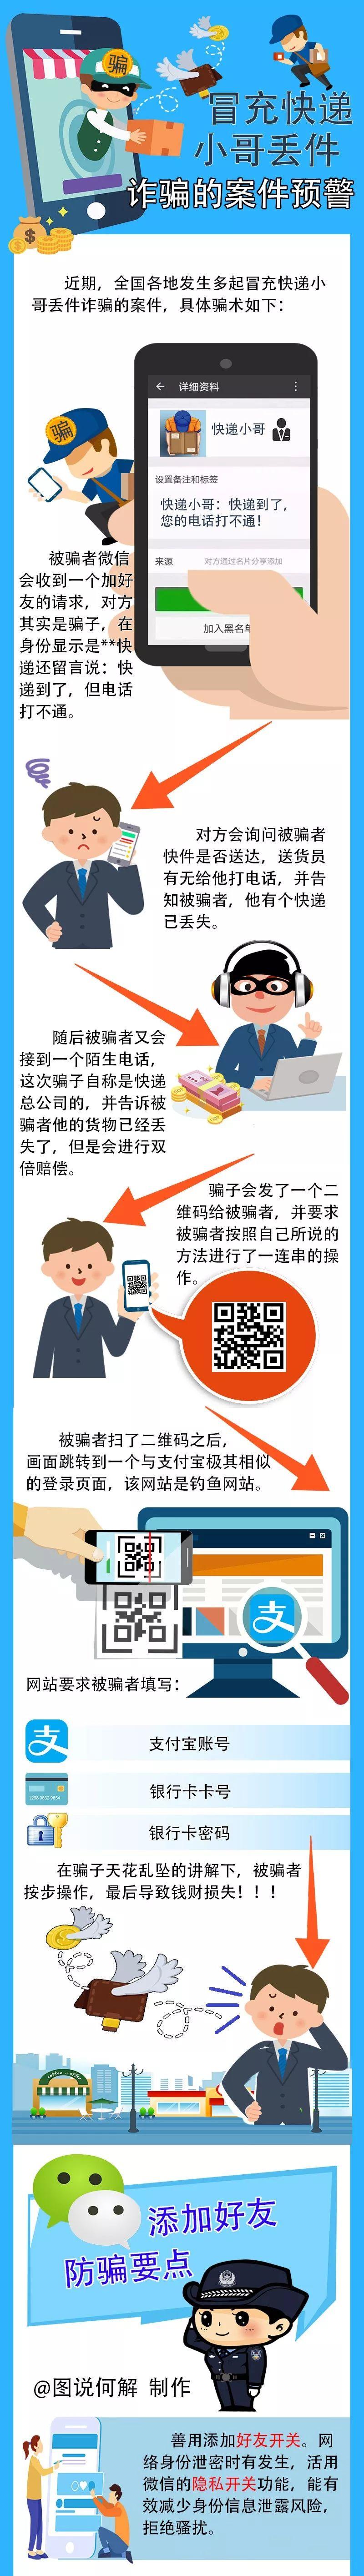 民警提醒:�_子又�砻俺淇爝f�T�Q�G件,�求加微信好友了